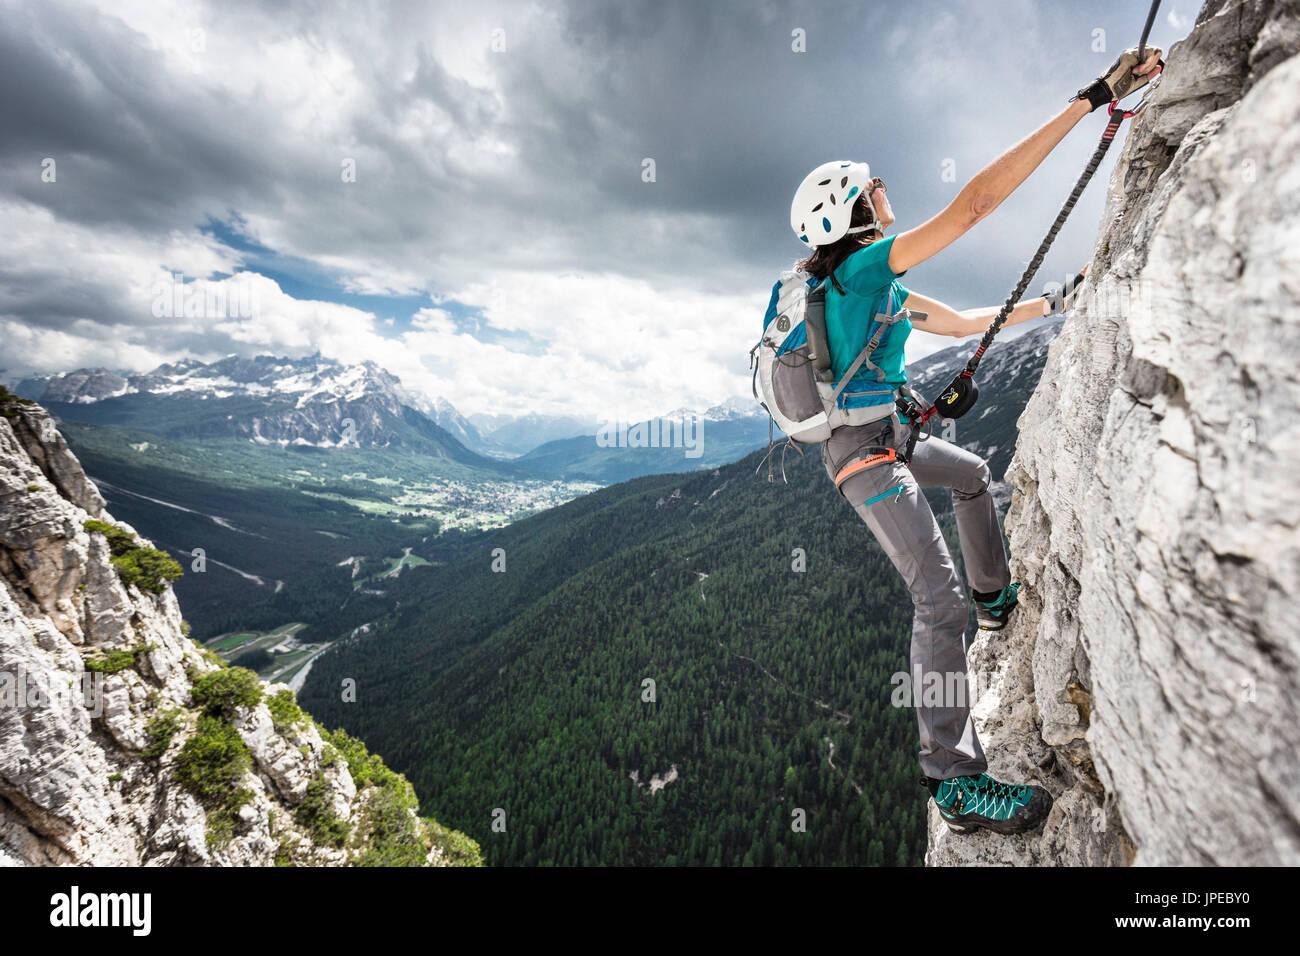 Klettersteig Weibl : Klettersteig weibl ettaler mandl bergtour info